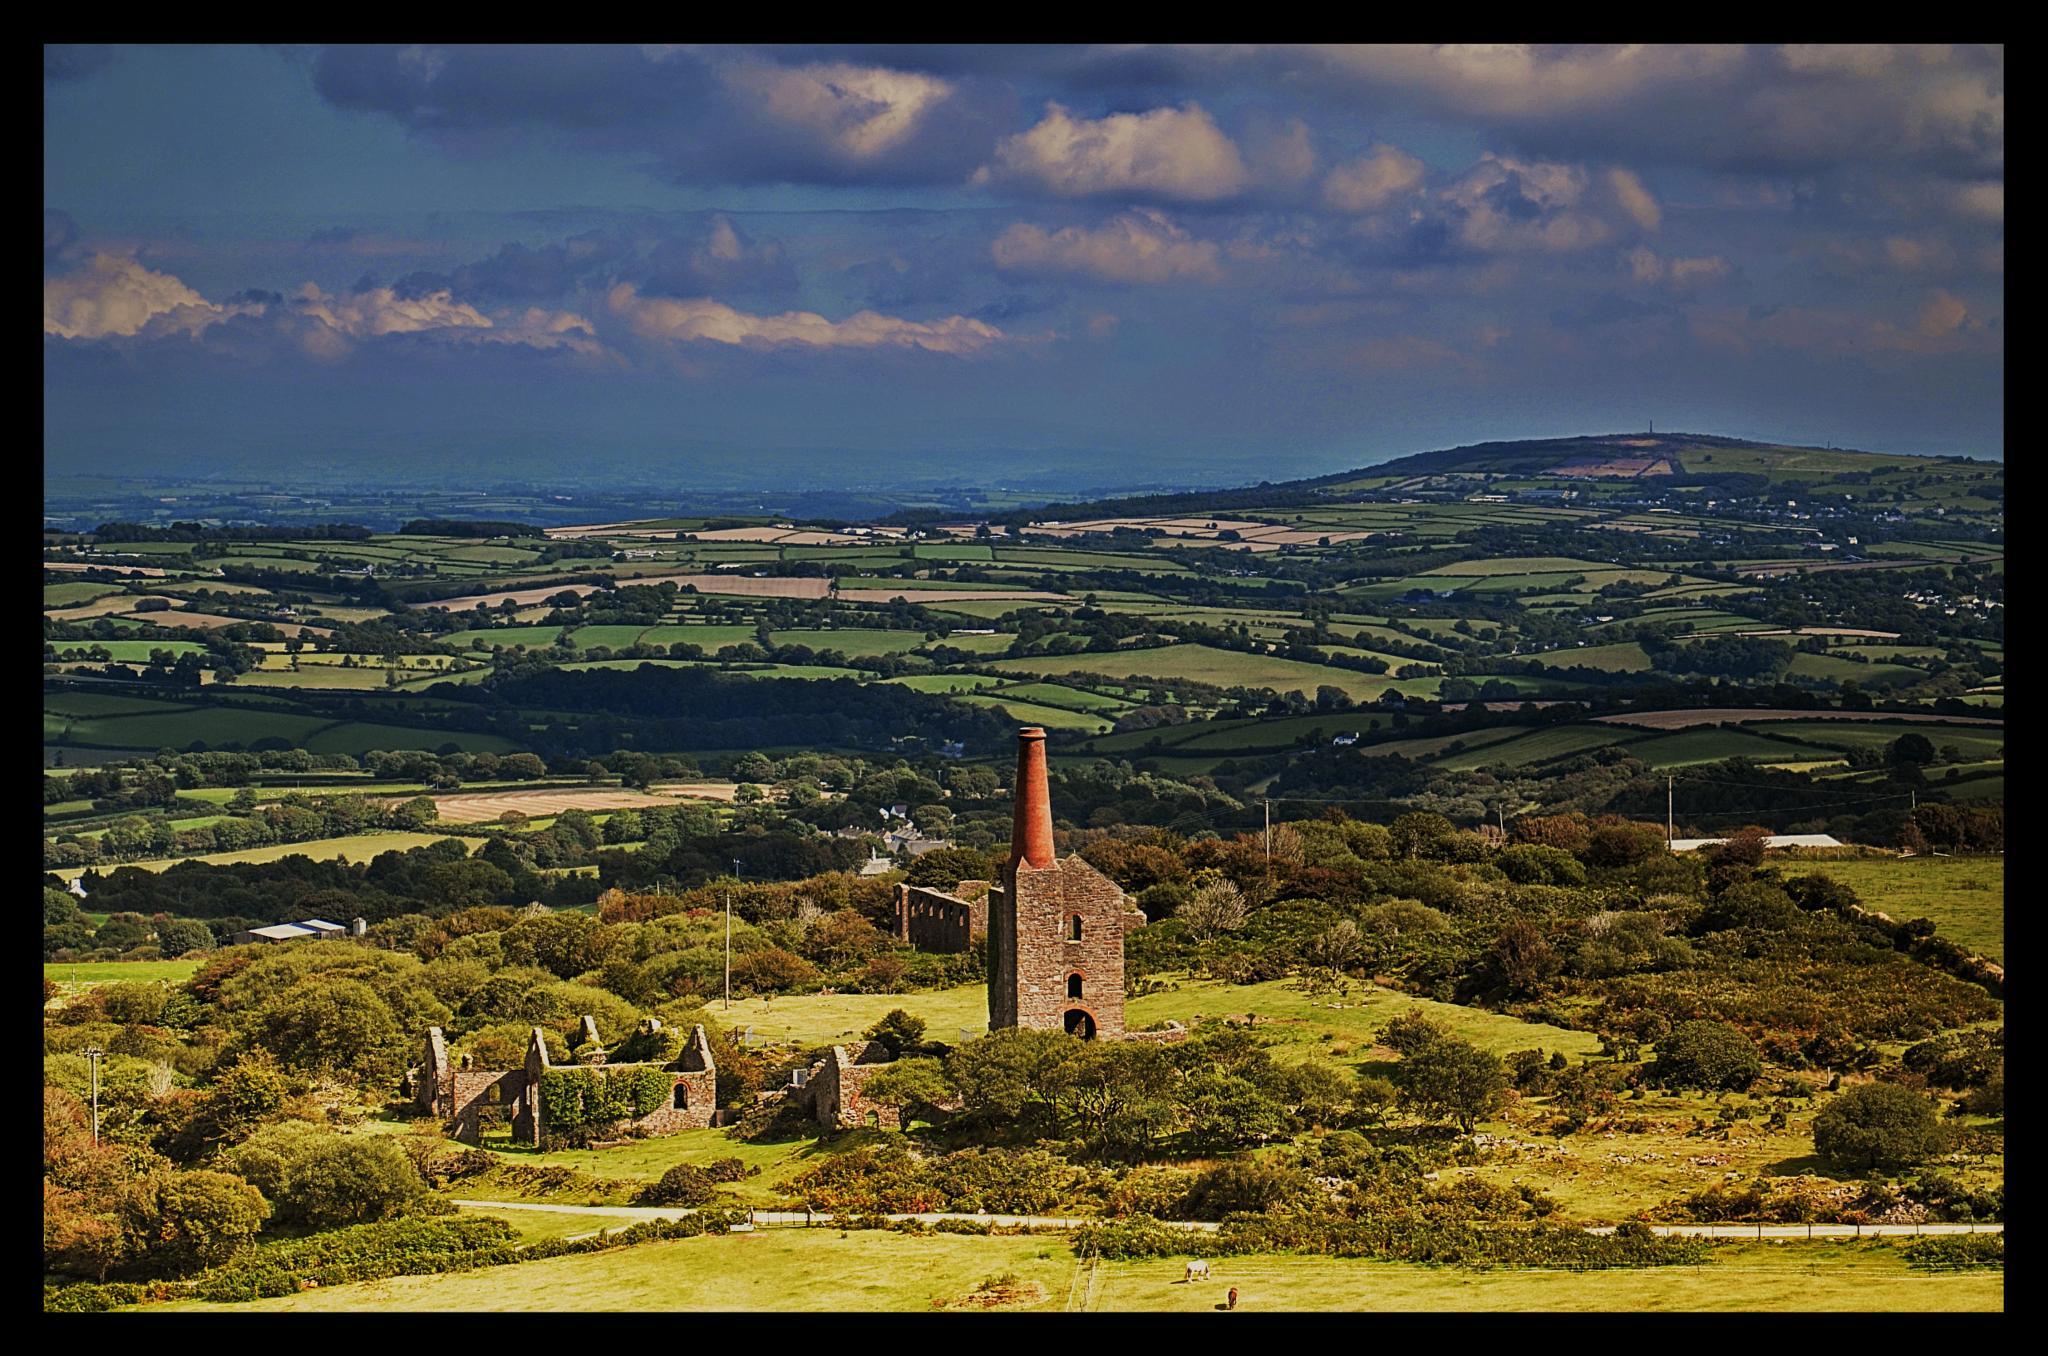 On Bodmin Moor by johncedriccoles123